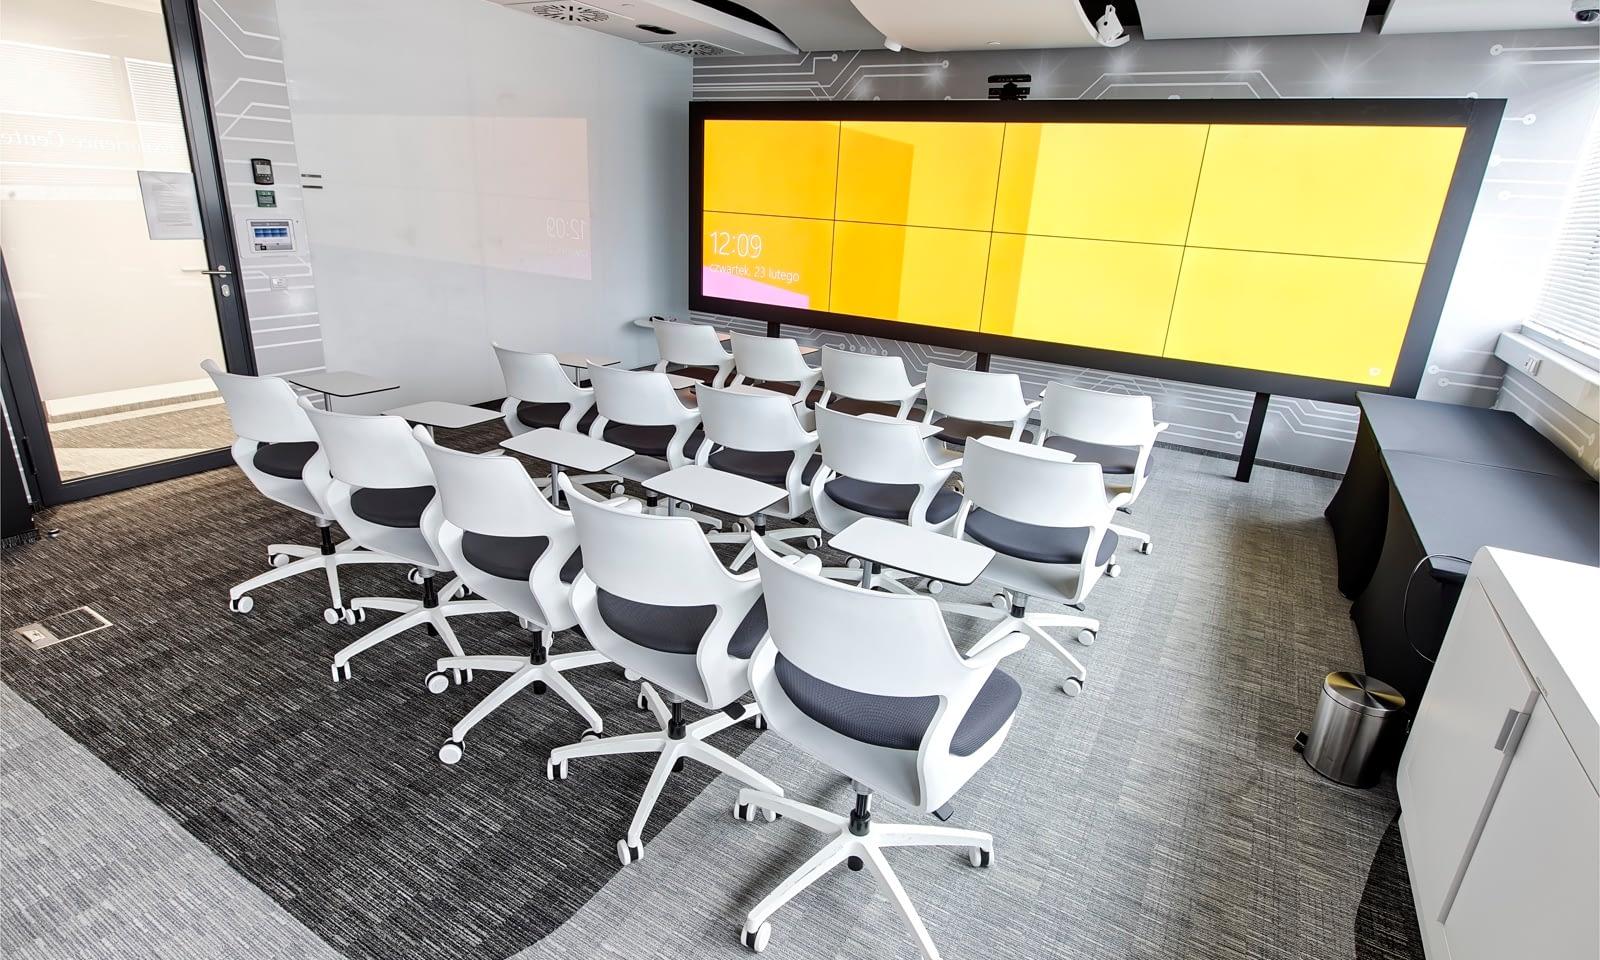 Instalacja w sali Innovation Lab PwC